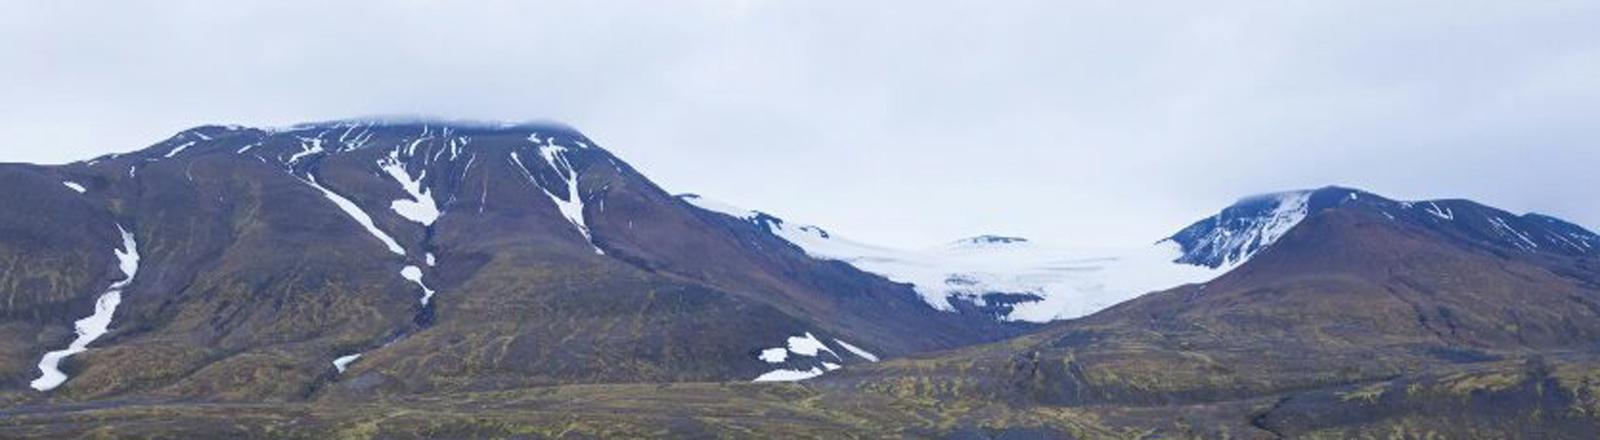 Warnhinweis am Vattnajokull-Gletscher in Island